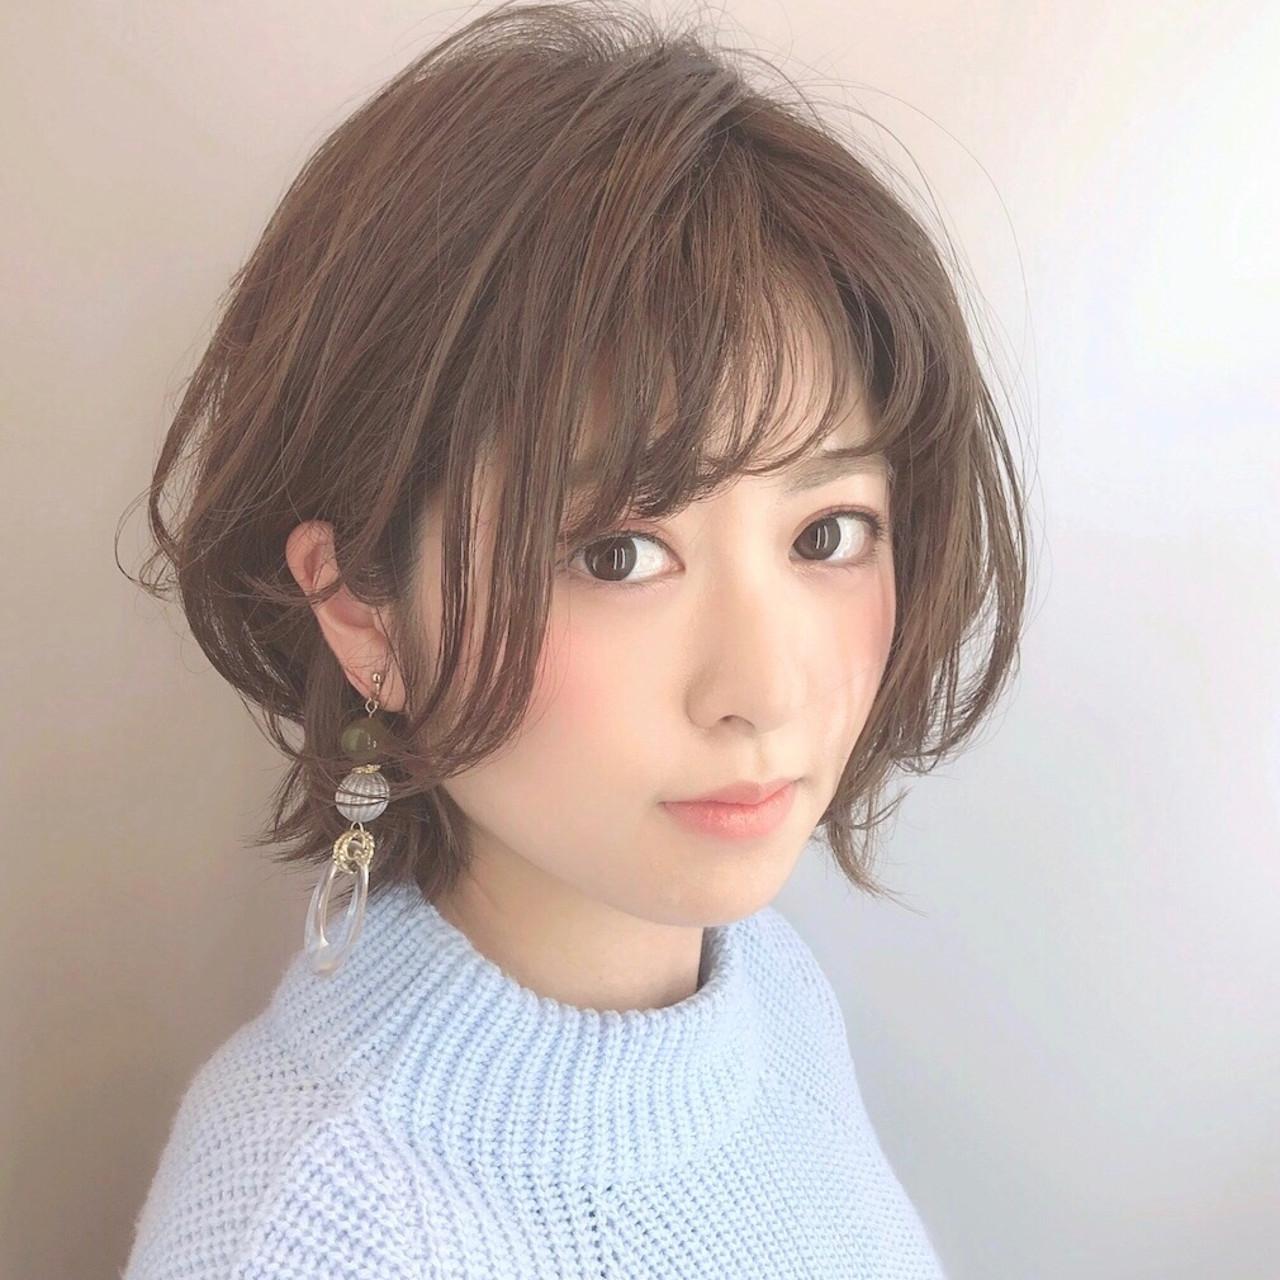 耳かけアレンジで清楚な表情に仕上げて Marie Tagawa 【morio原宿】